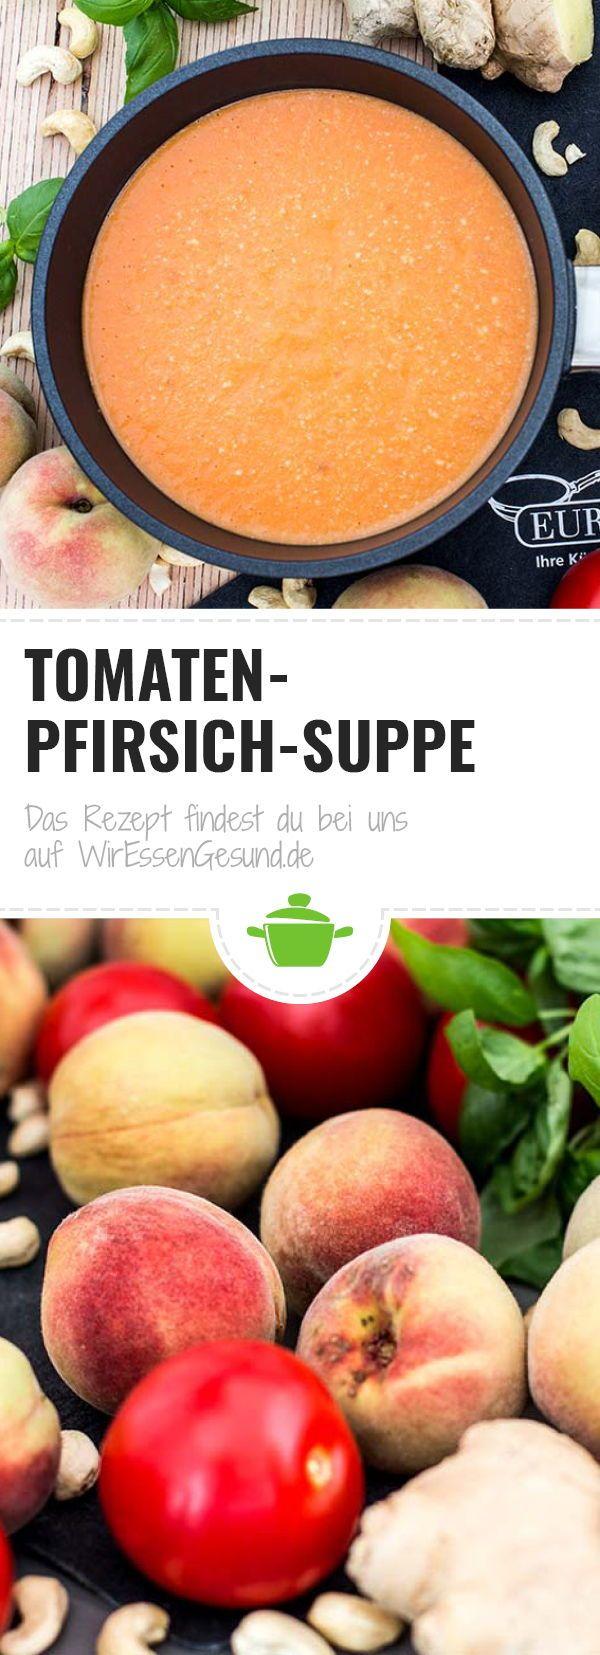 Tomaten-Pfirsich-Suppe #foodporn